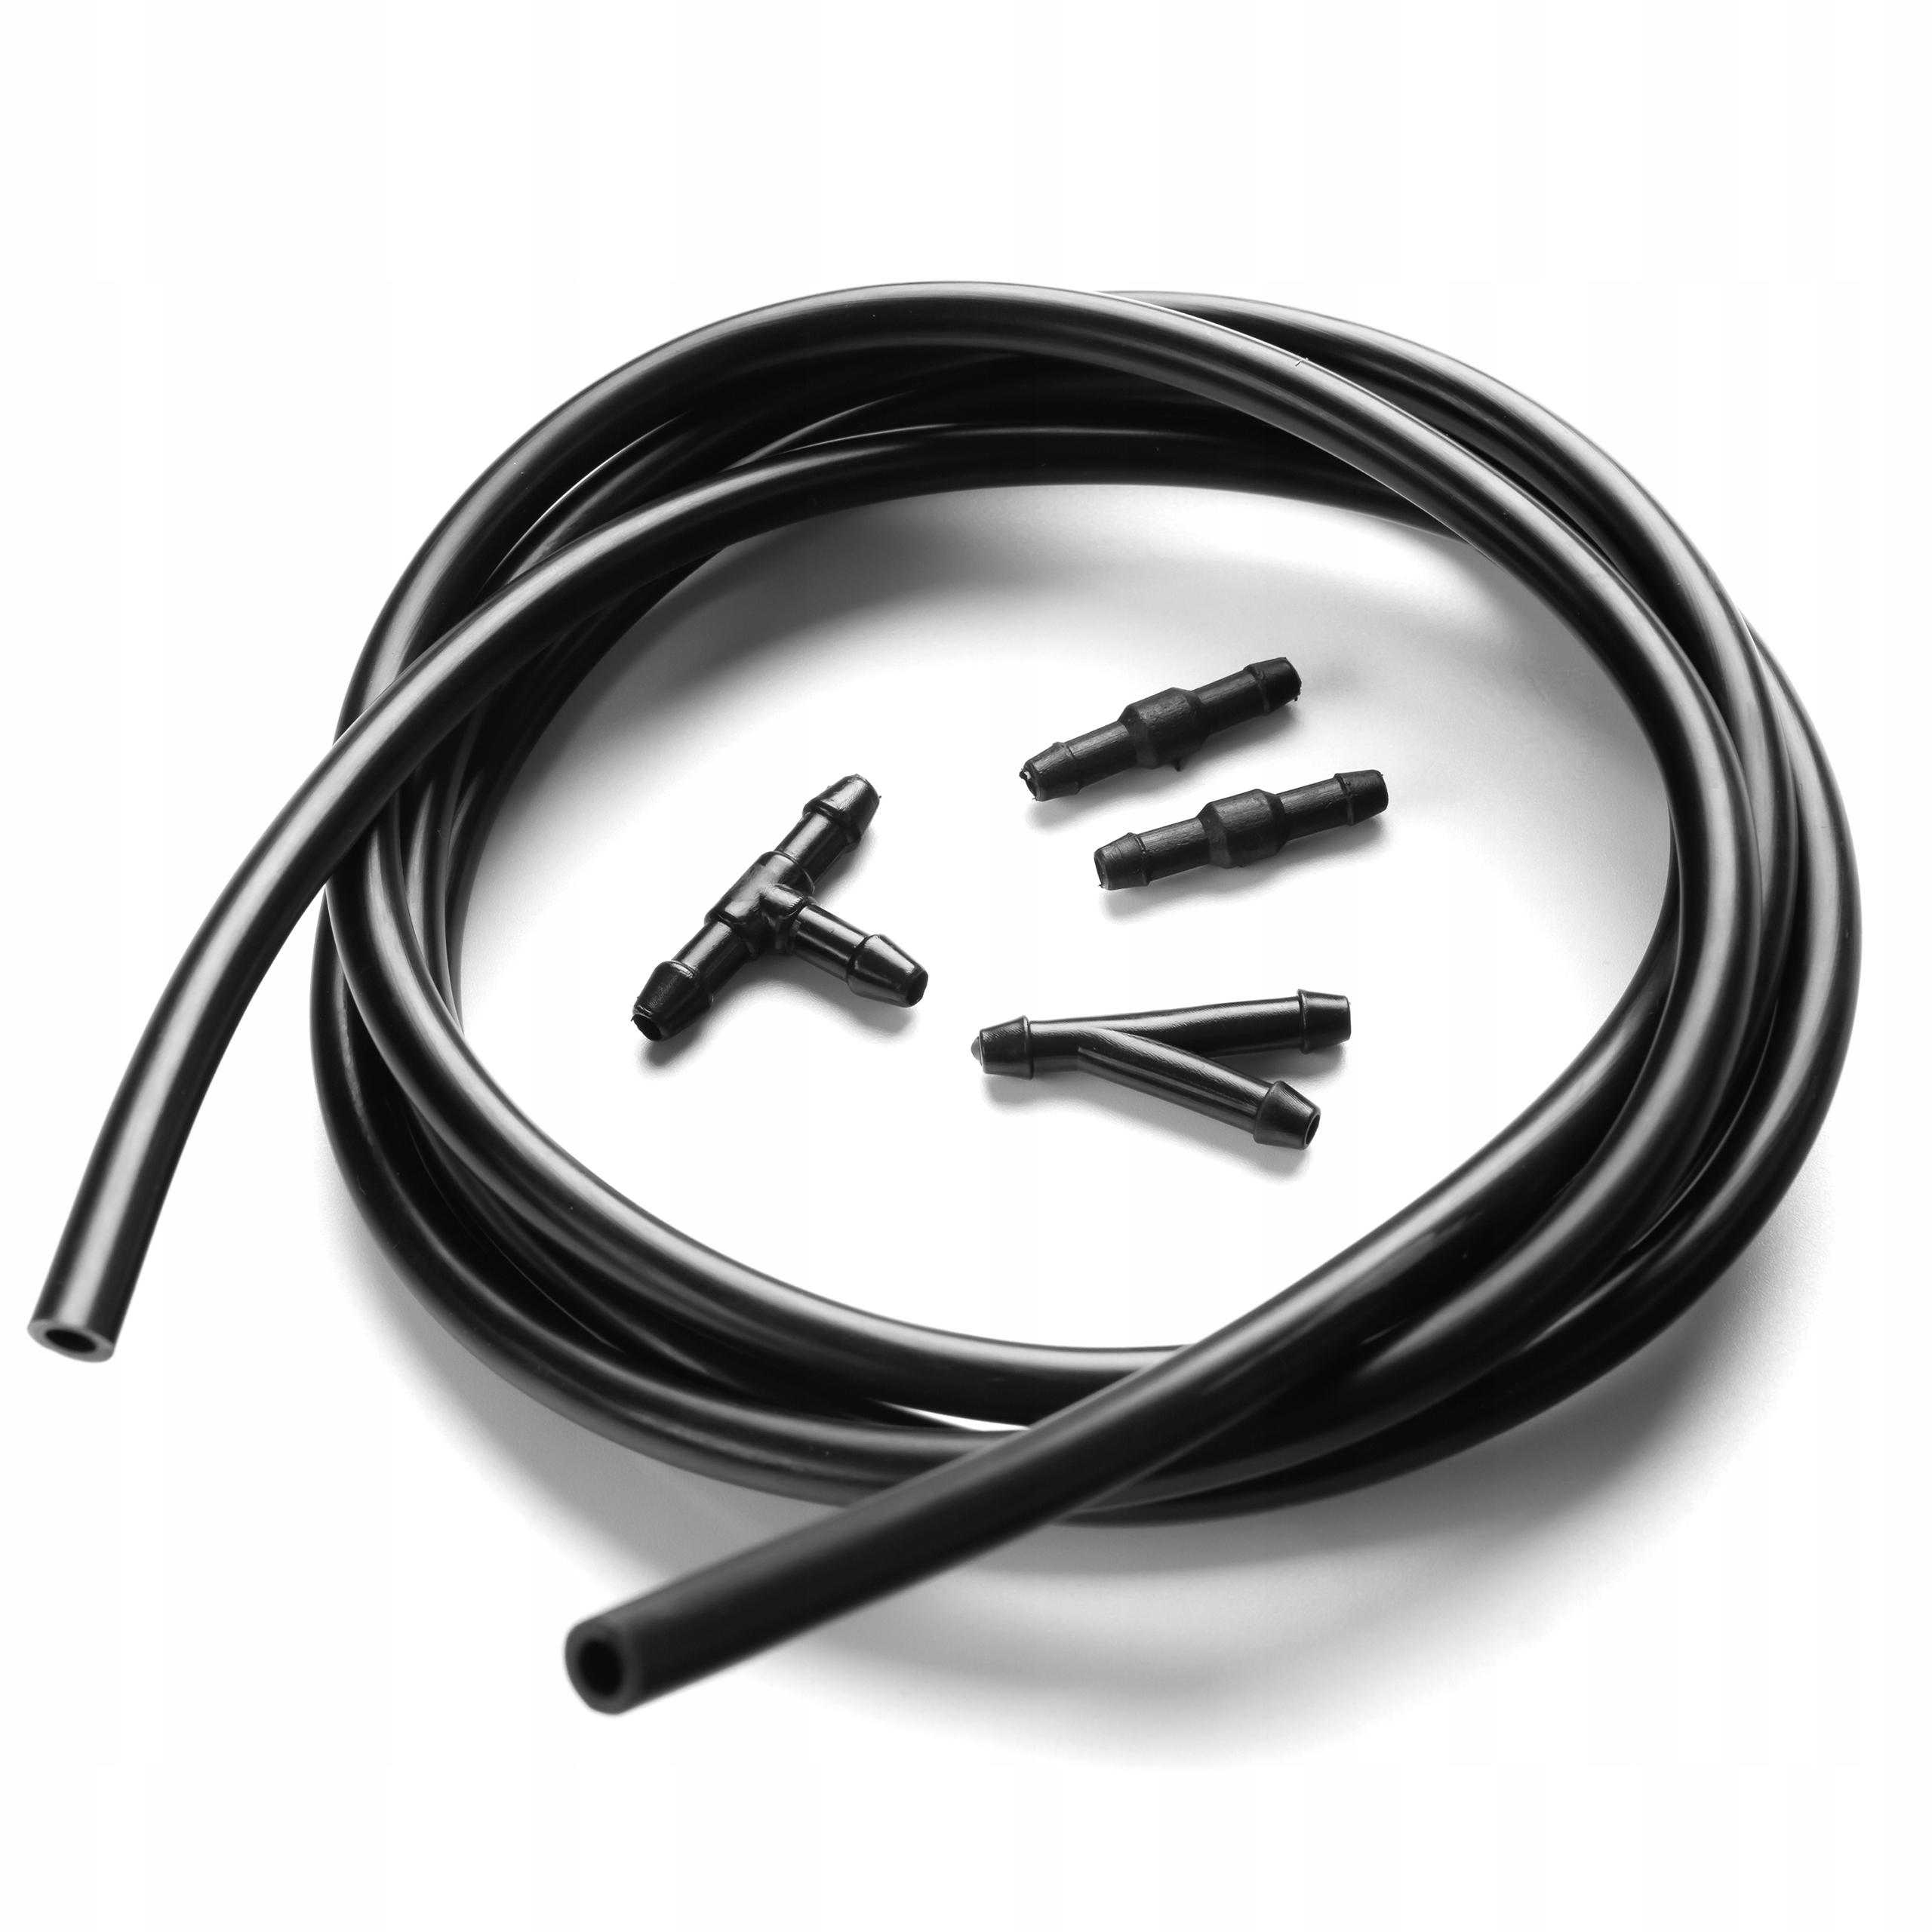 универсальный кабель к омывателя 2m фитинги компл